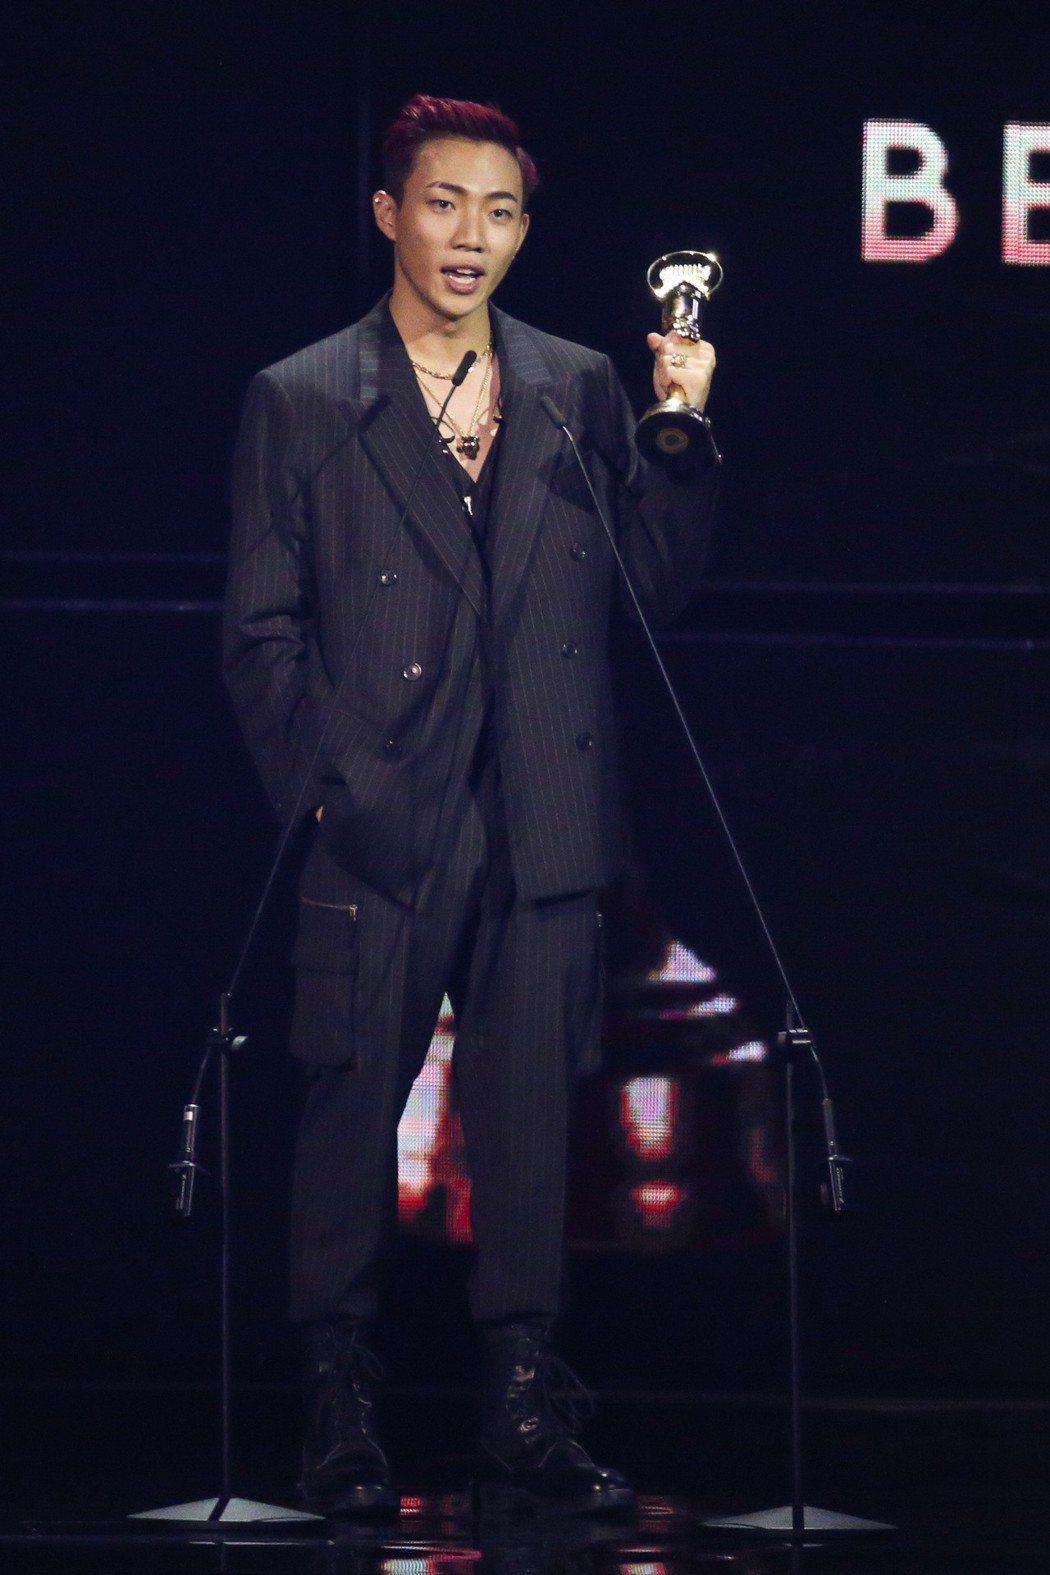 第30屆金曲獎,最佳新人獎由ØZI獲得。記者林伯東/攝影